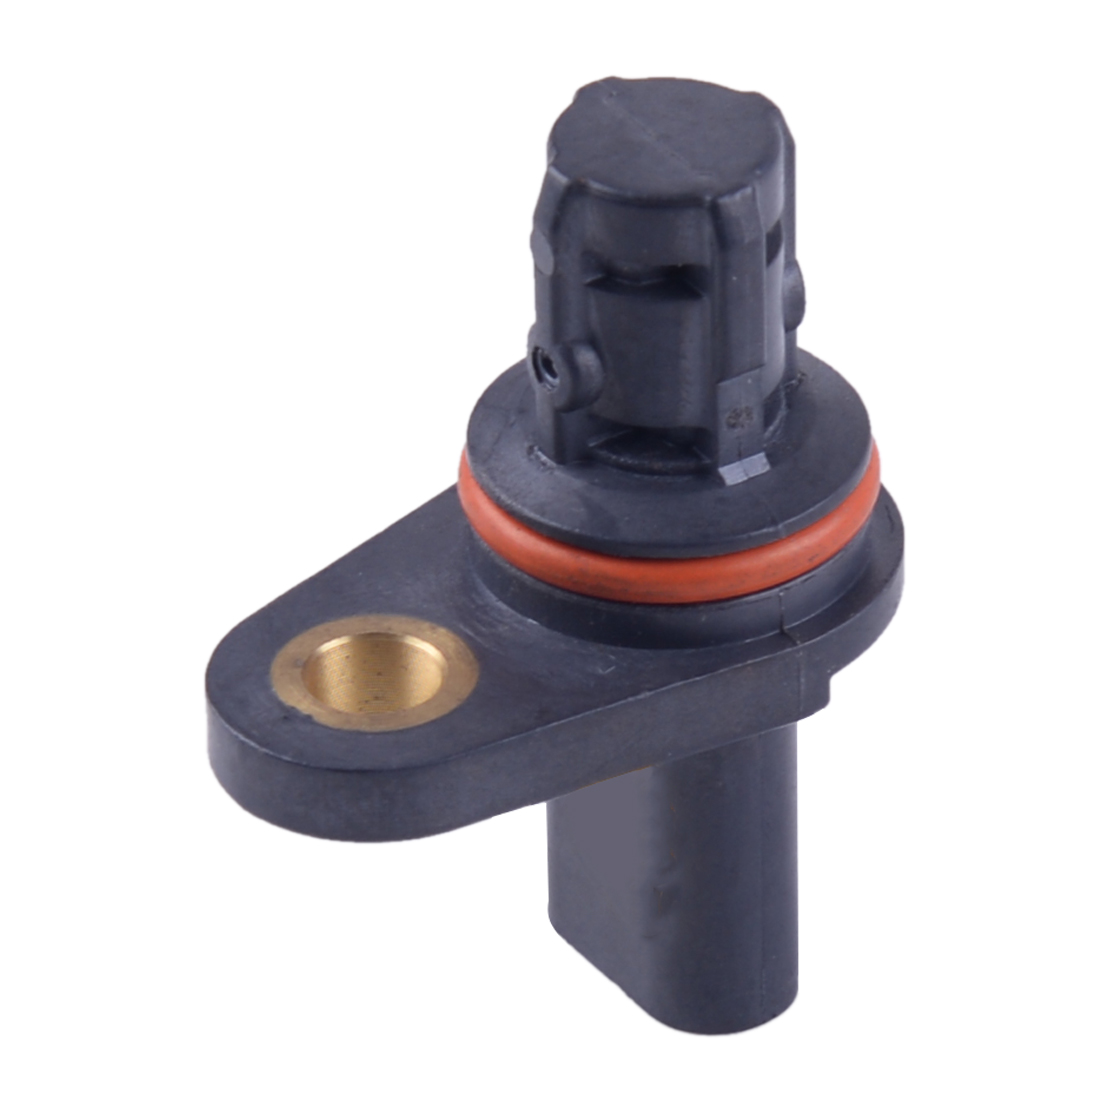 Camshaft position sensor 55565708/&55565709 For Chevrolet Cruze Aveo Sonic Opel